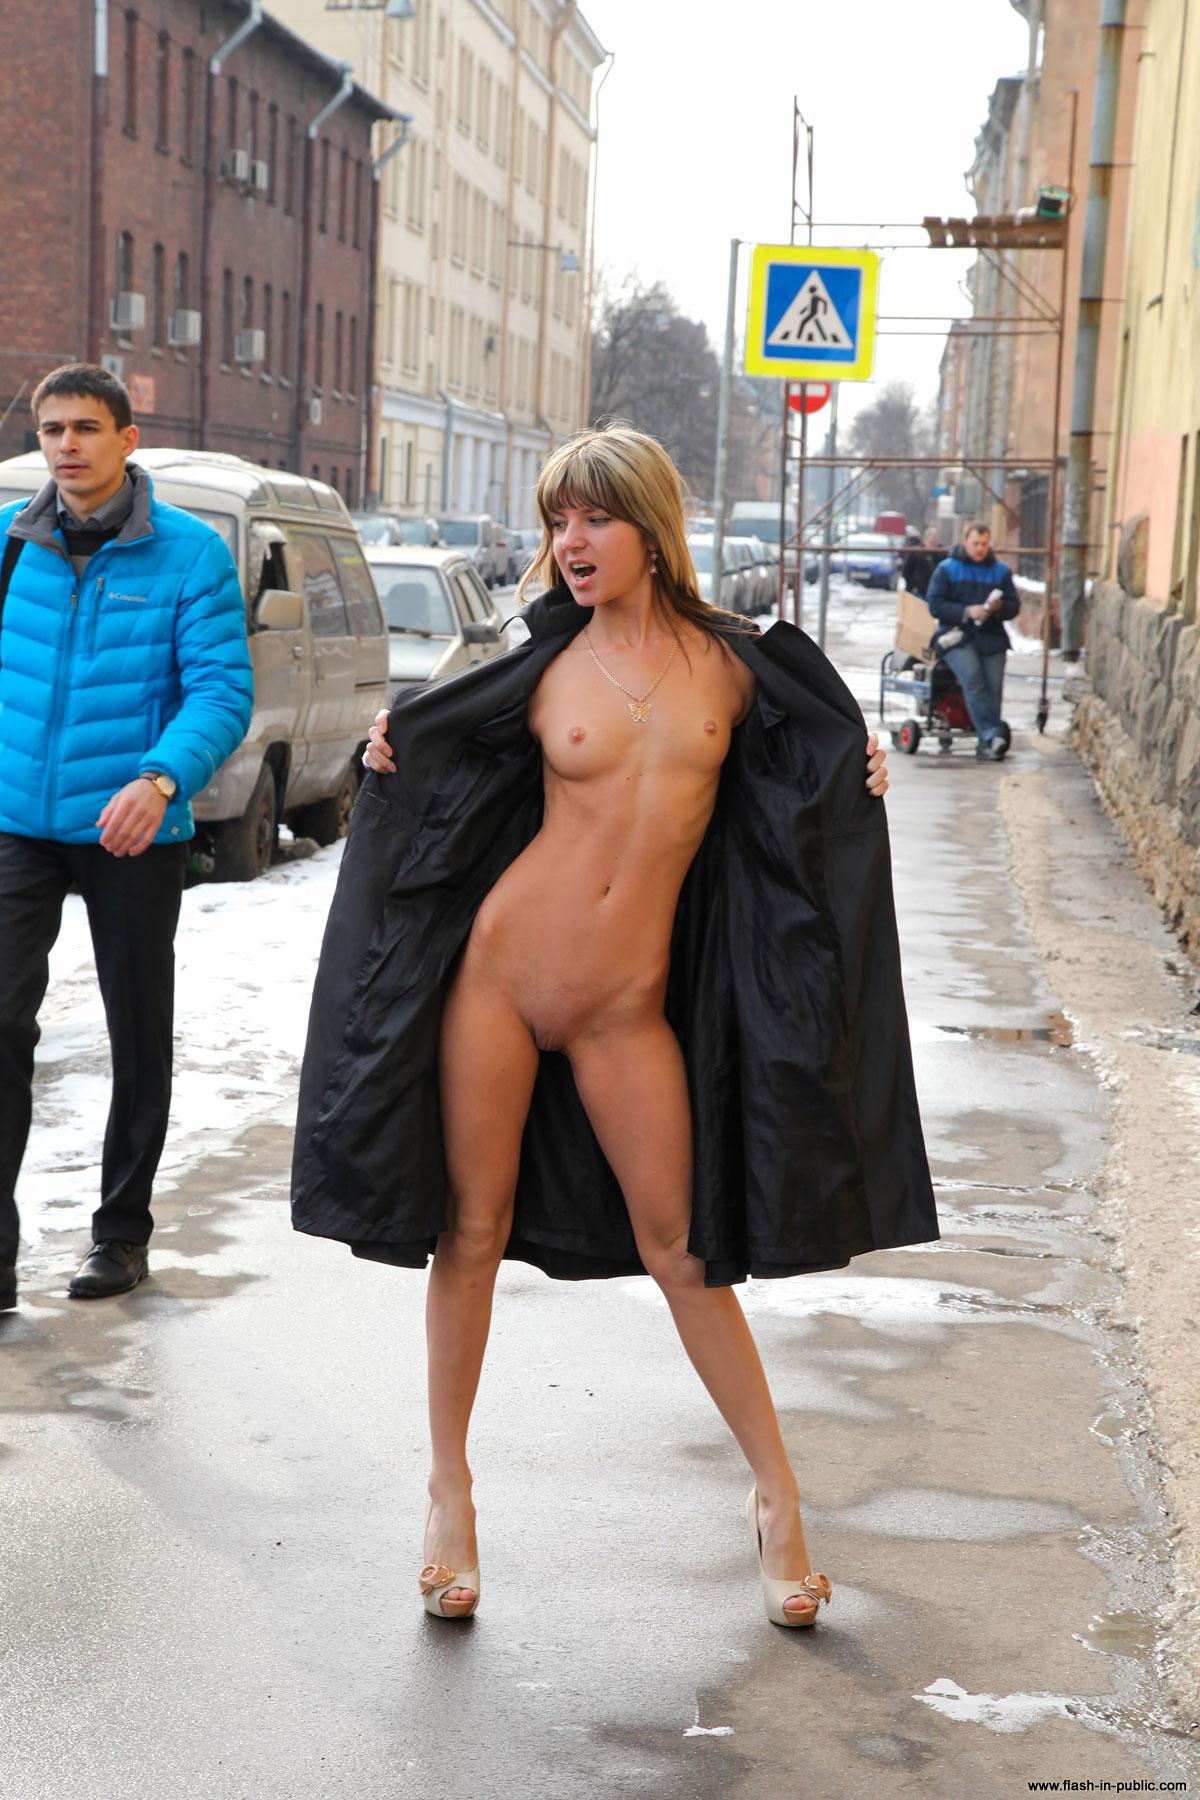 dianne feinstein nude